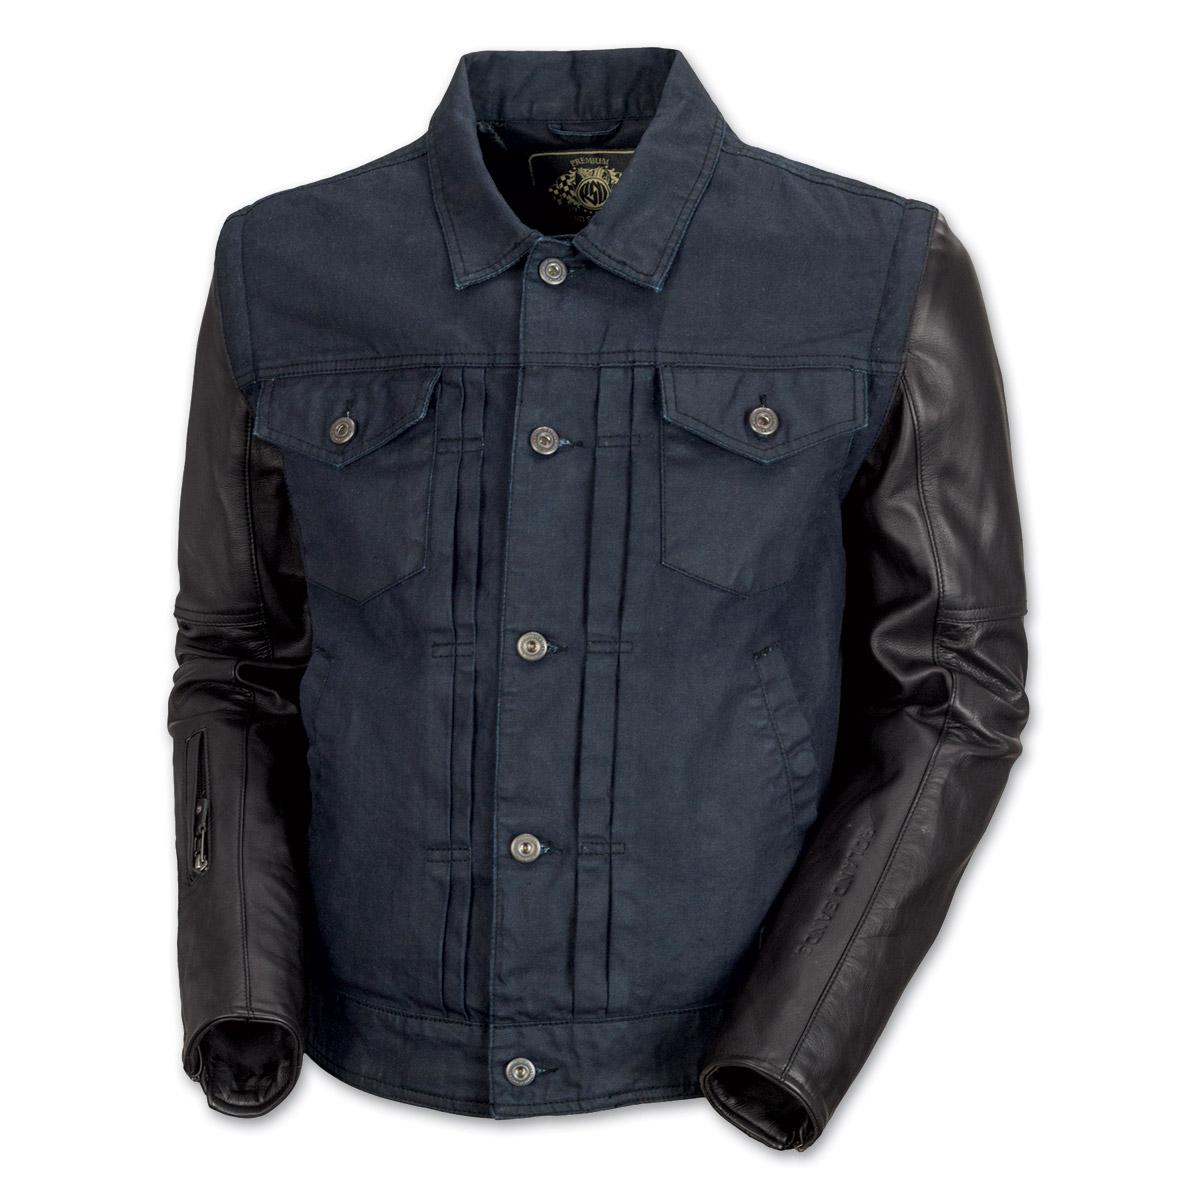 Roland Sands Design Honcho Men's Denim/Leather Jacket | 178-015 ...